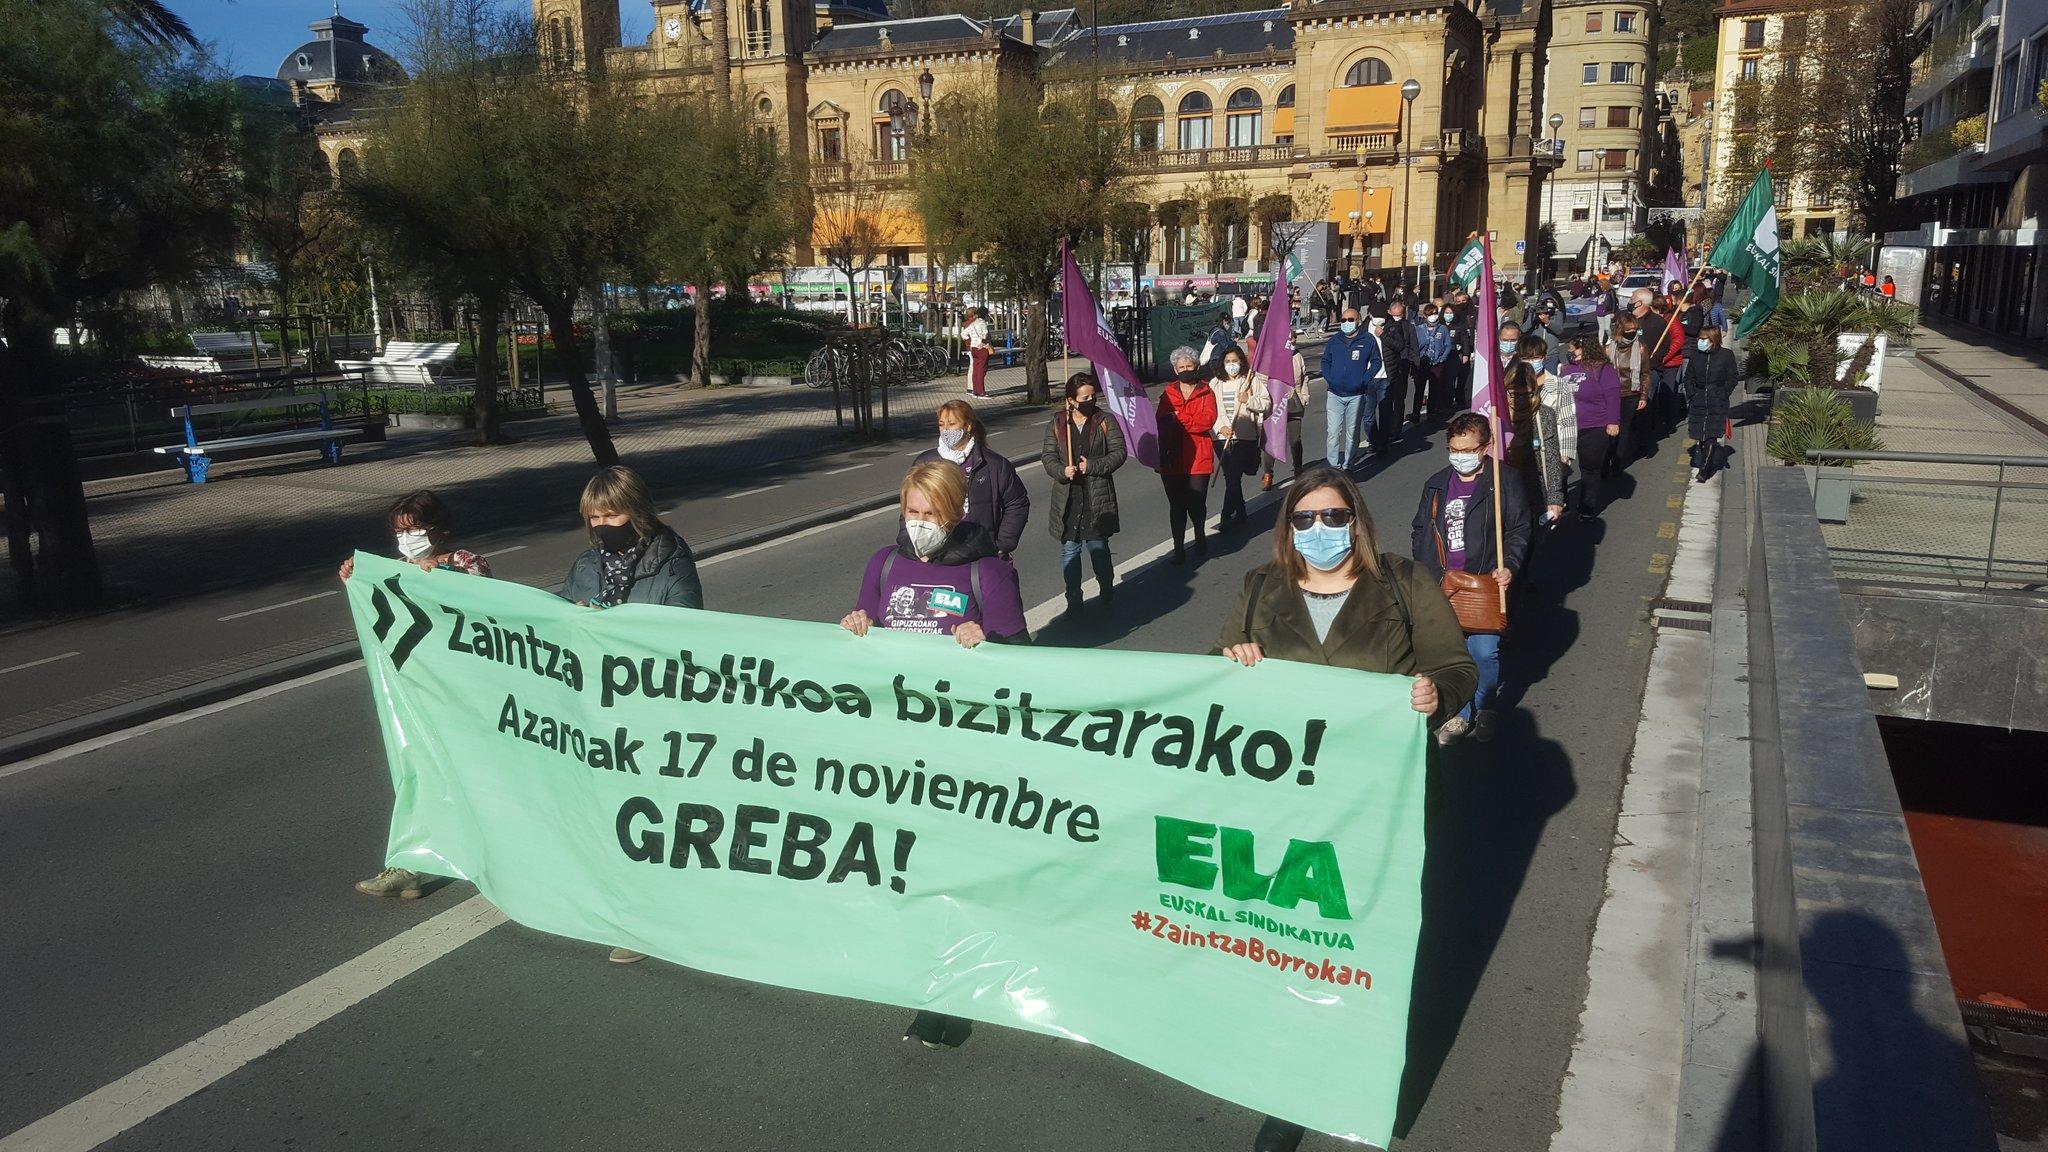 Manifestación del 17 de noviembre. Foto: Ela sindikatua